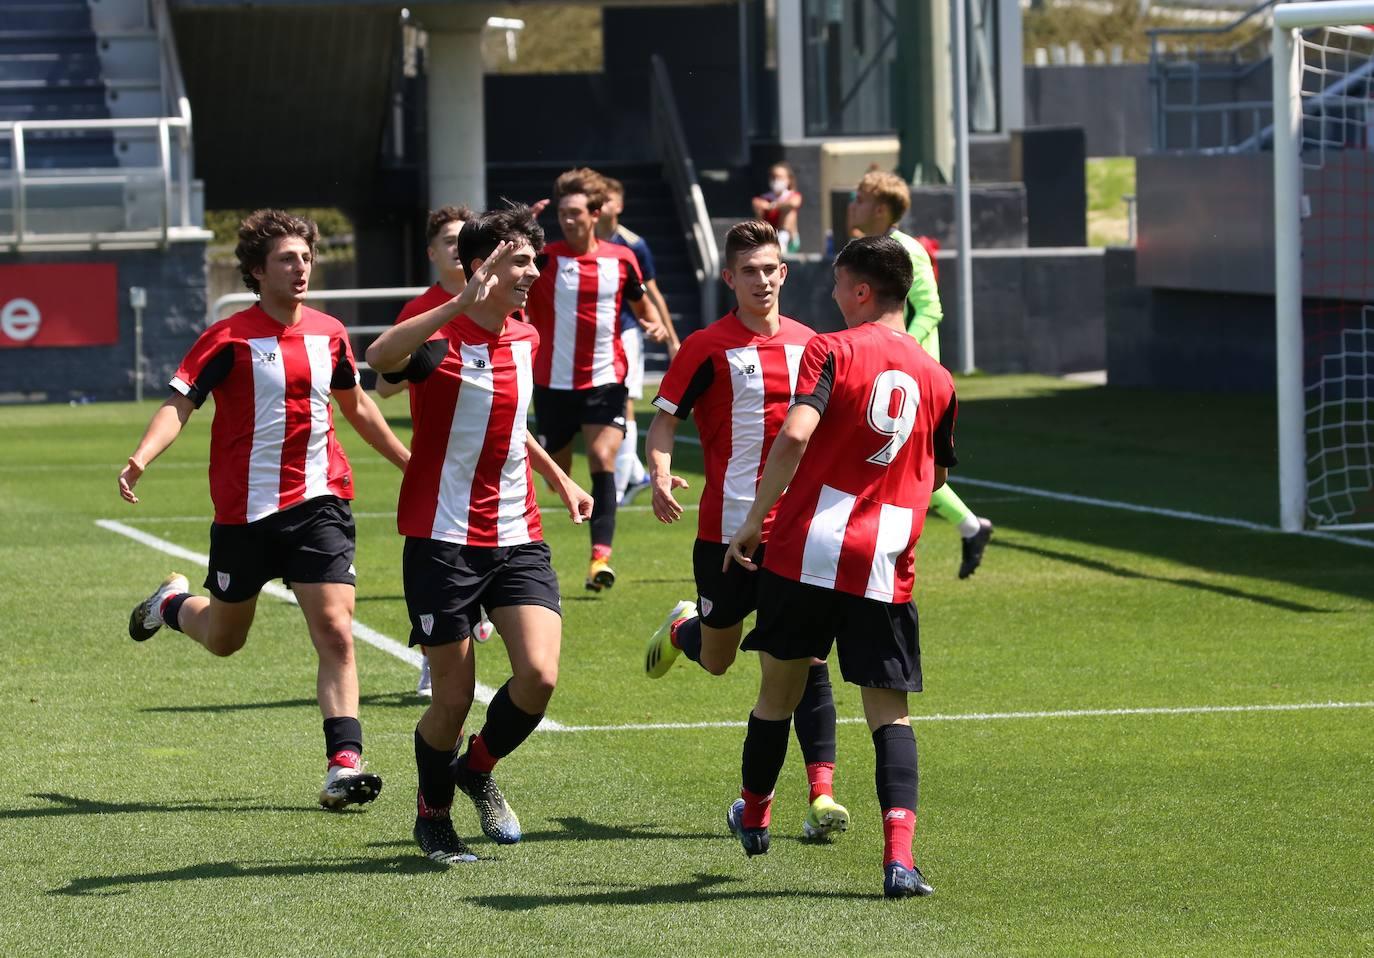 El Athletic juvenil golea a Osasuna y luchará por la Copa de campeones